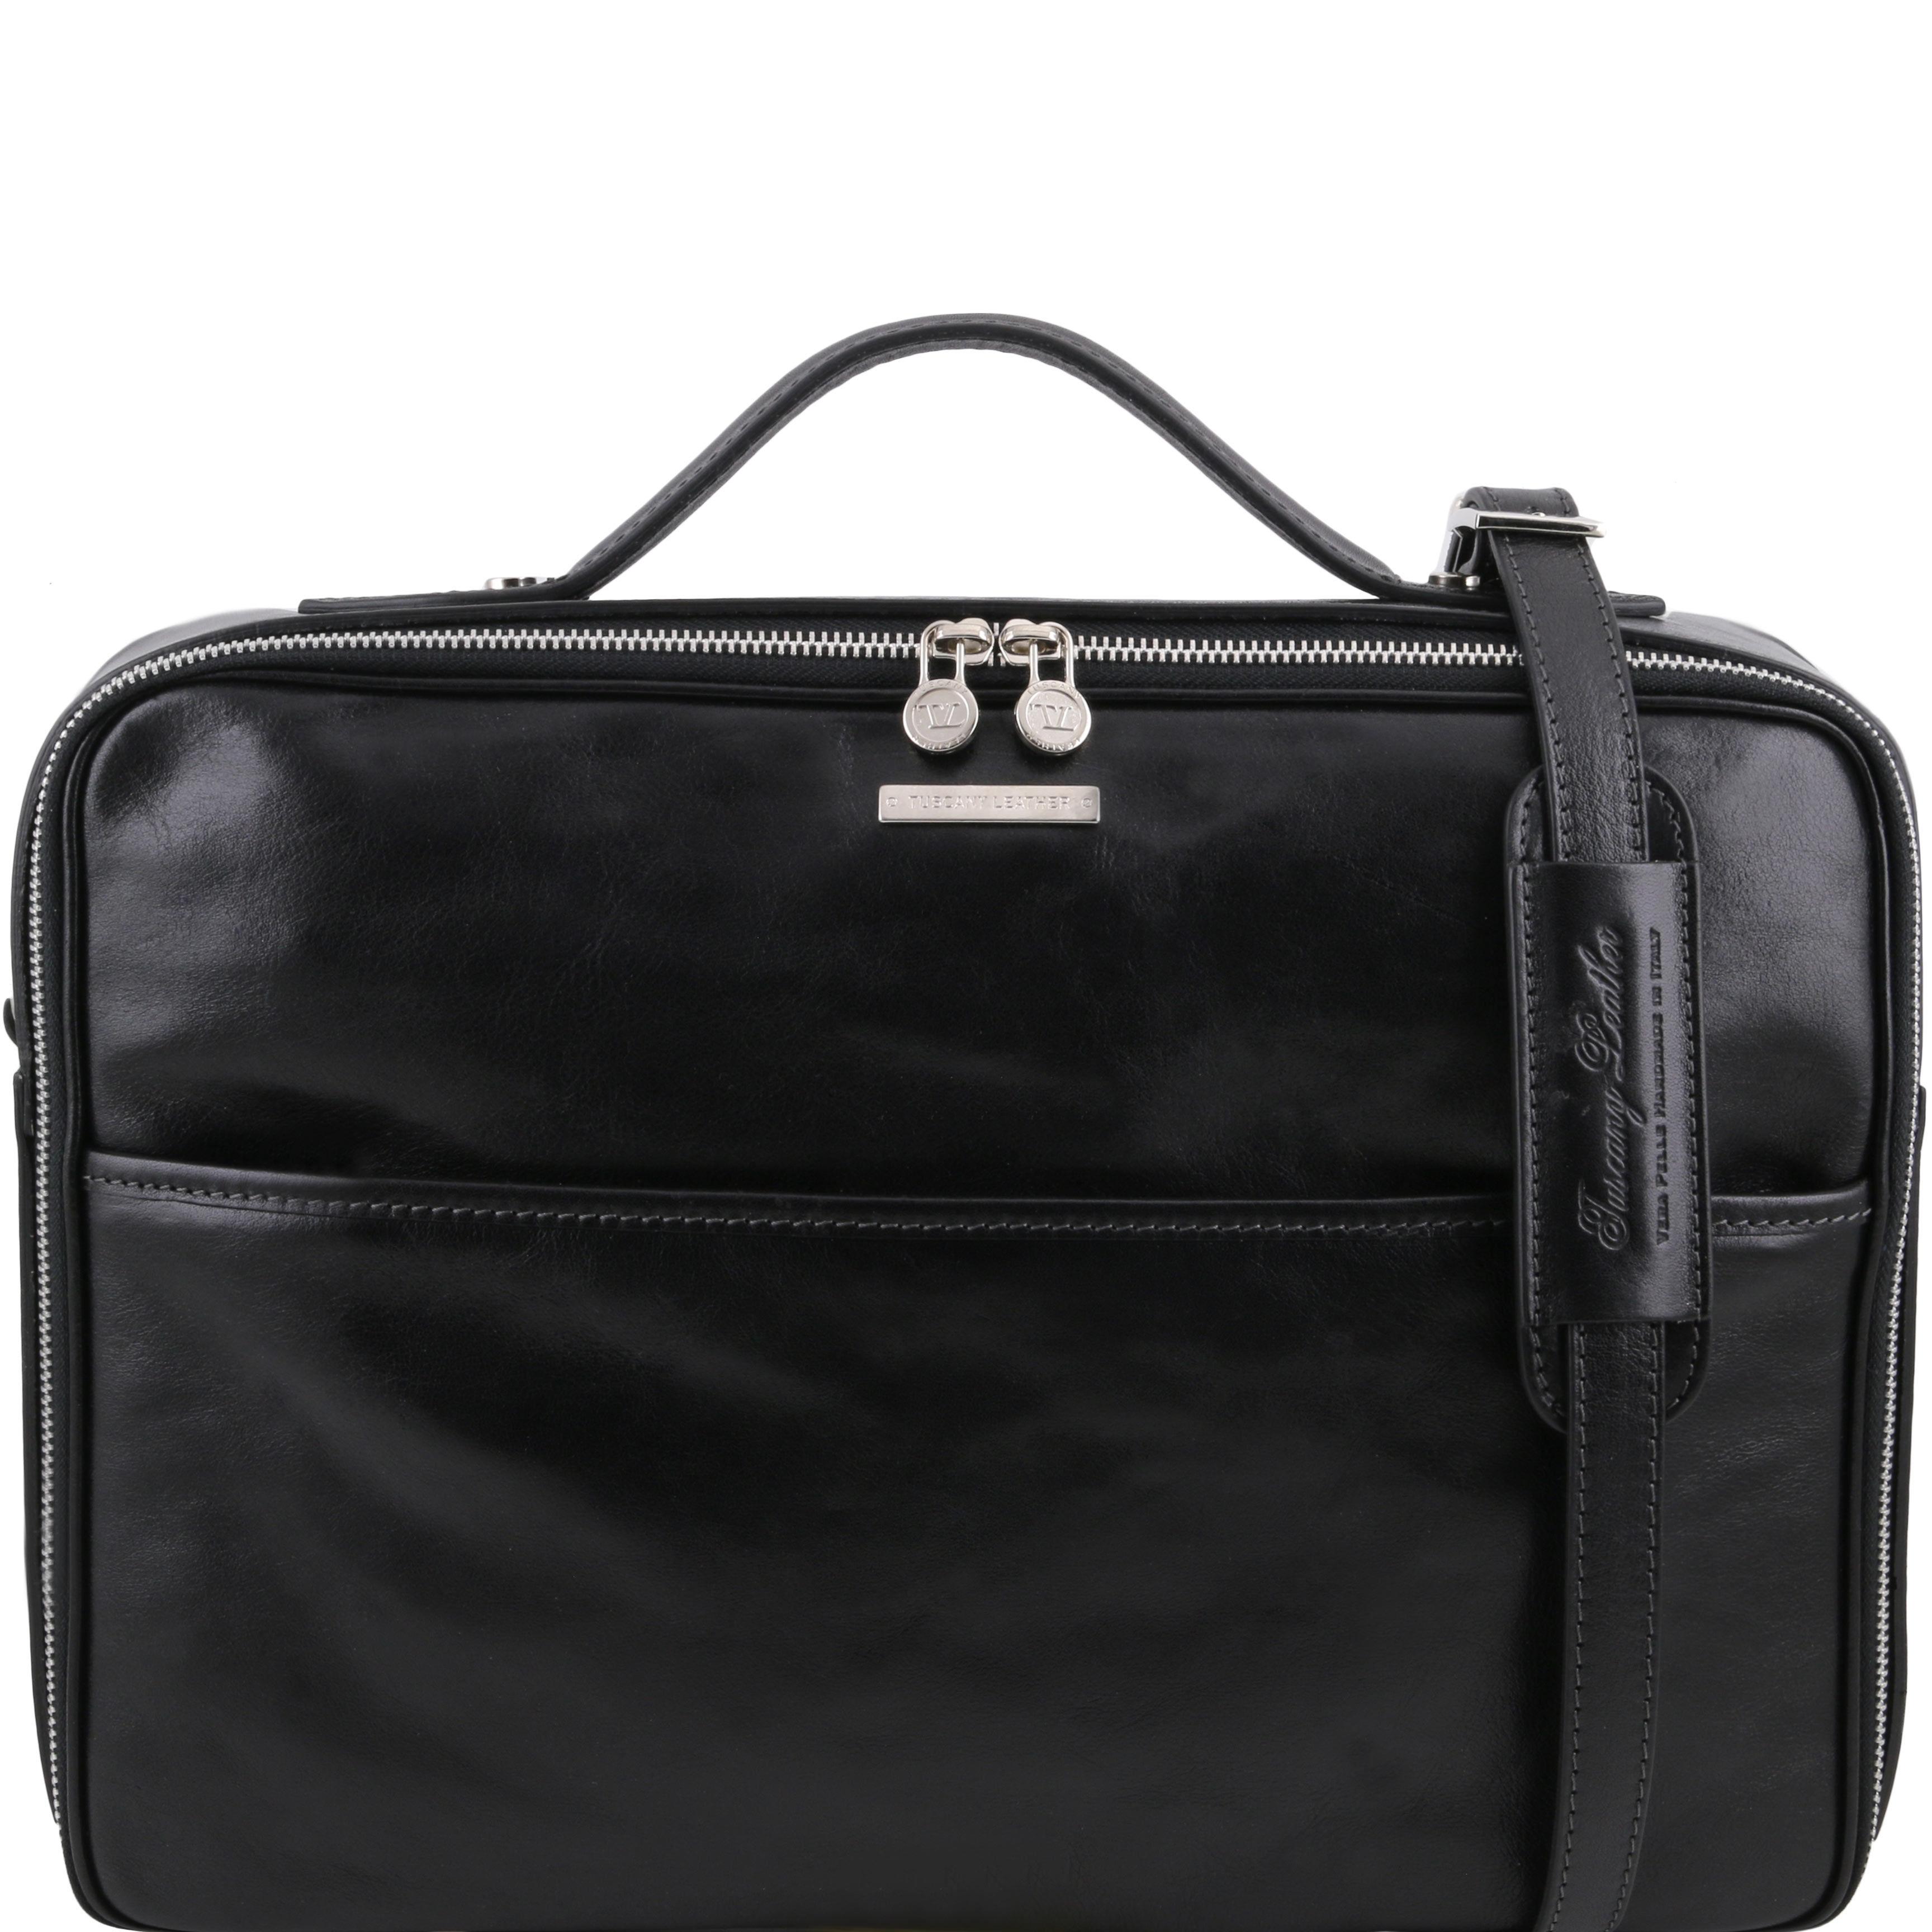 VICENZA - Servieta laptop din piele neagra cu fermoar